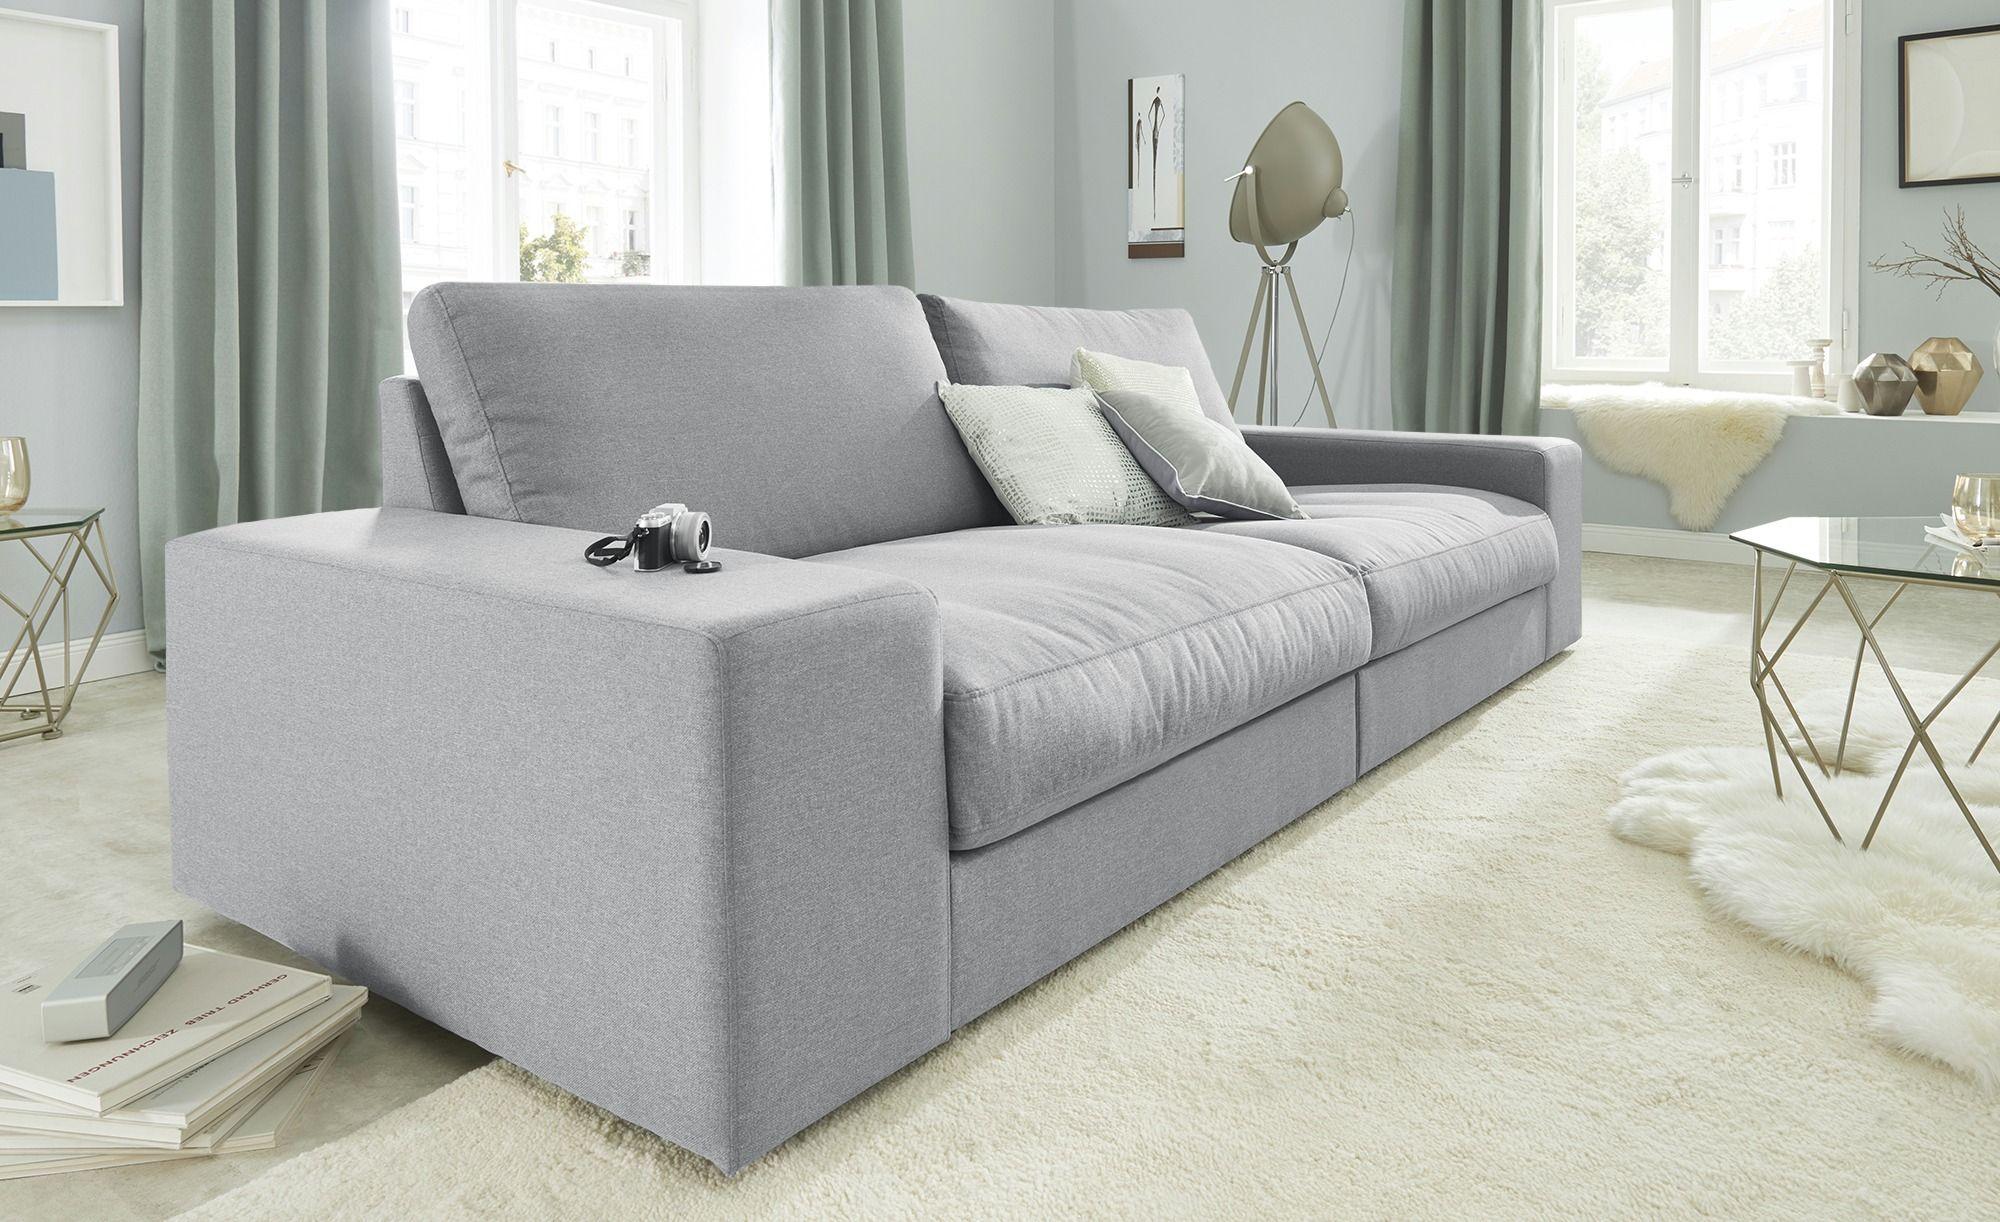 Big Sofa Brooke Jetzt Bestellen Unter Https Moebel Ladendirekt De Wohnzimmer Sofas Bigsofas Uid 64a6365b Ef01 553e 8d82 F526 Grosse Sofas Moderne Couch Sofa